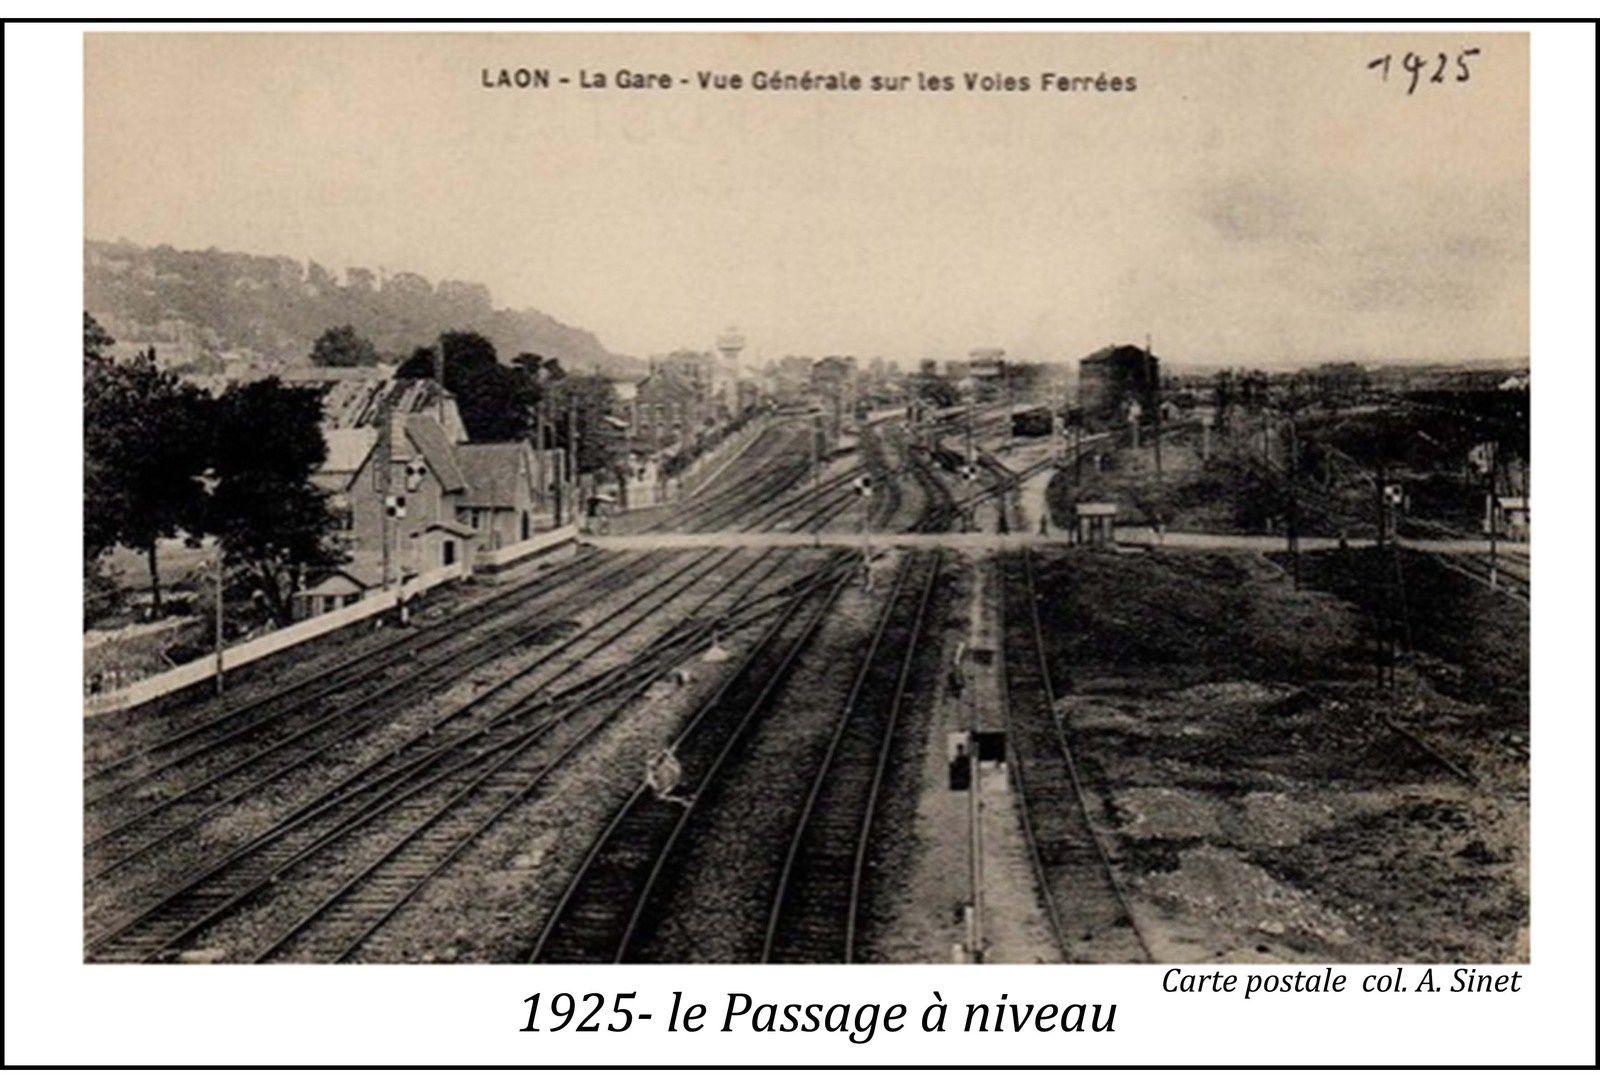 Passerelle Laon